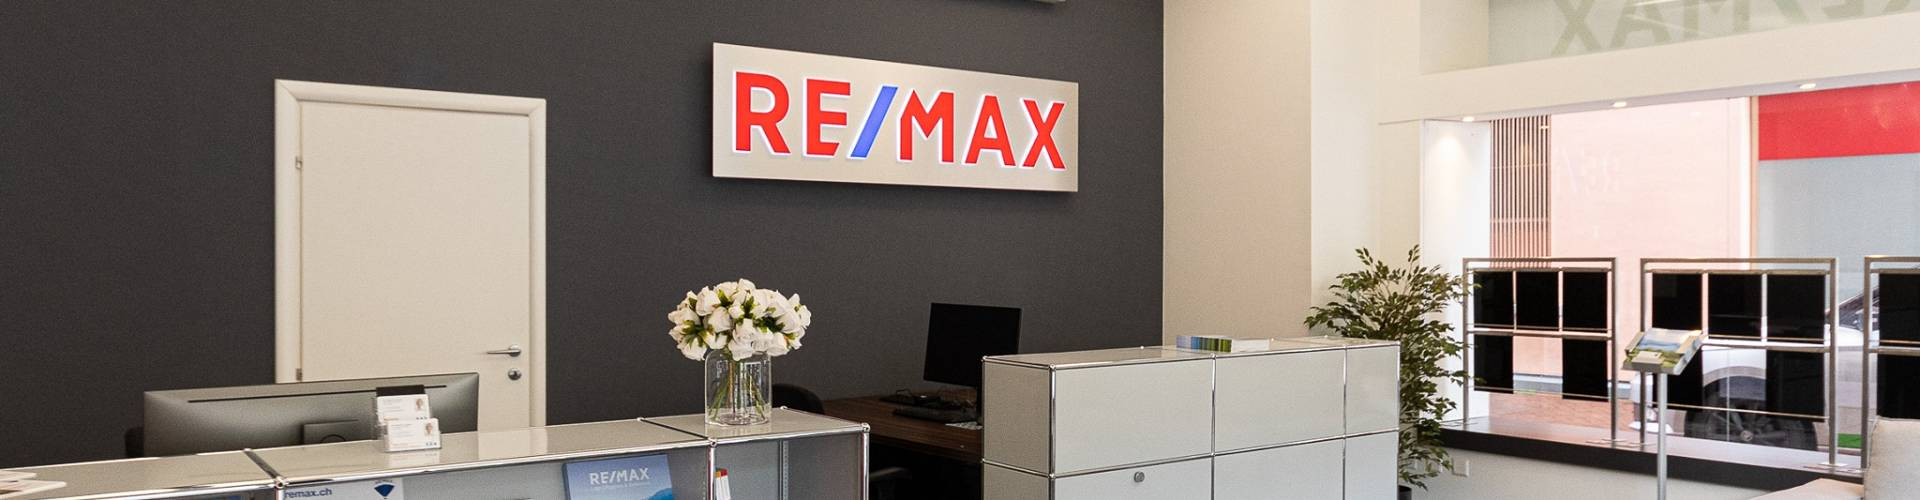 Immobilien - RE/MAX Immobiliare Bellinzona